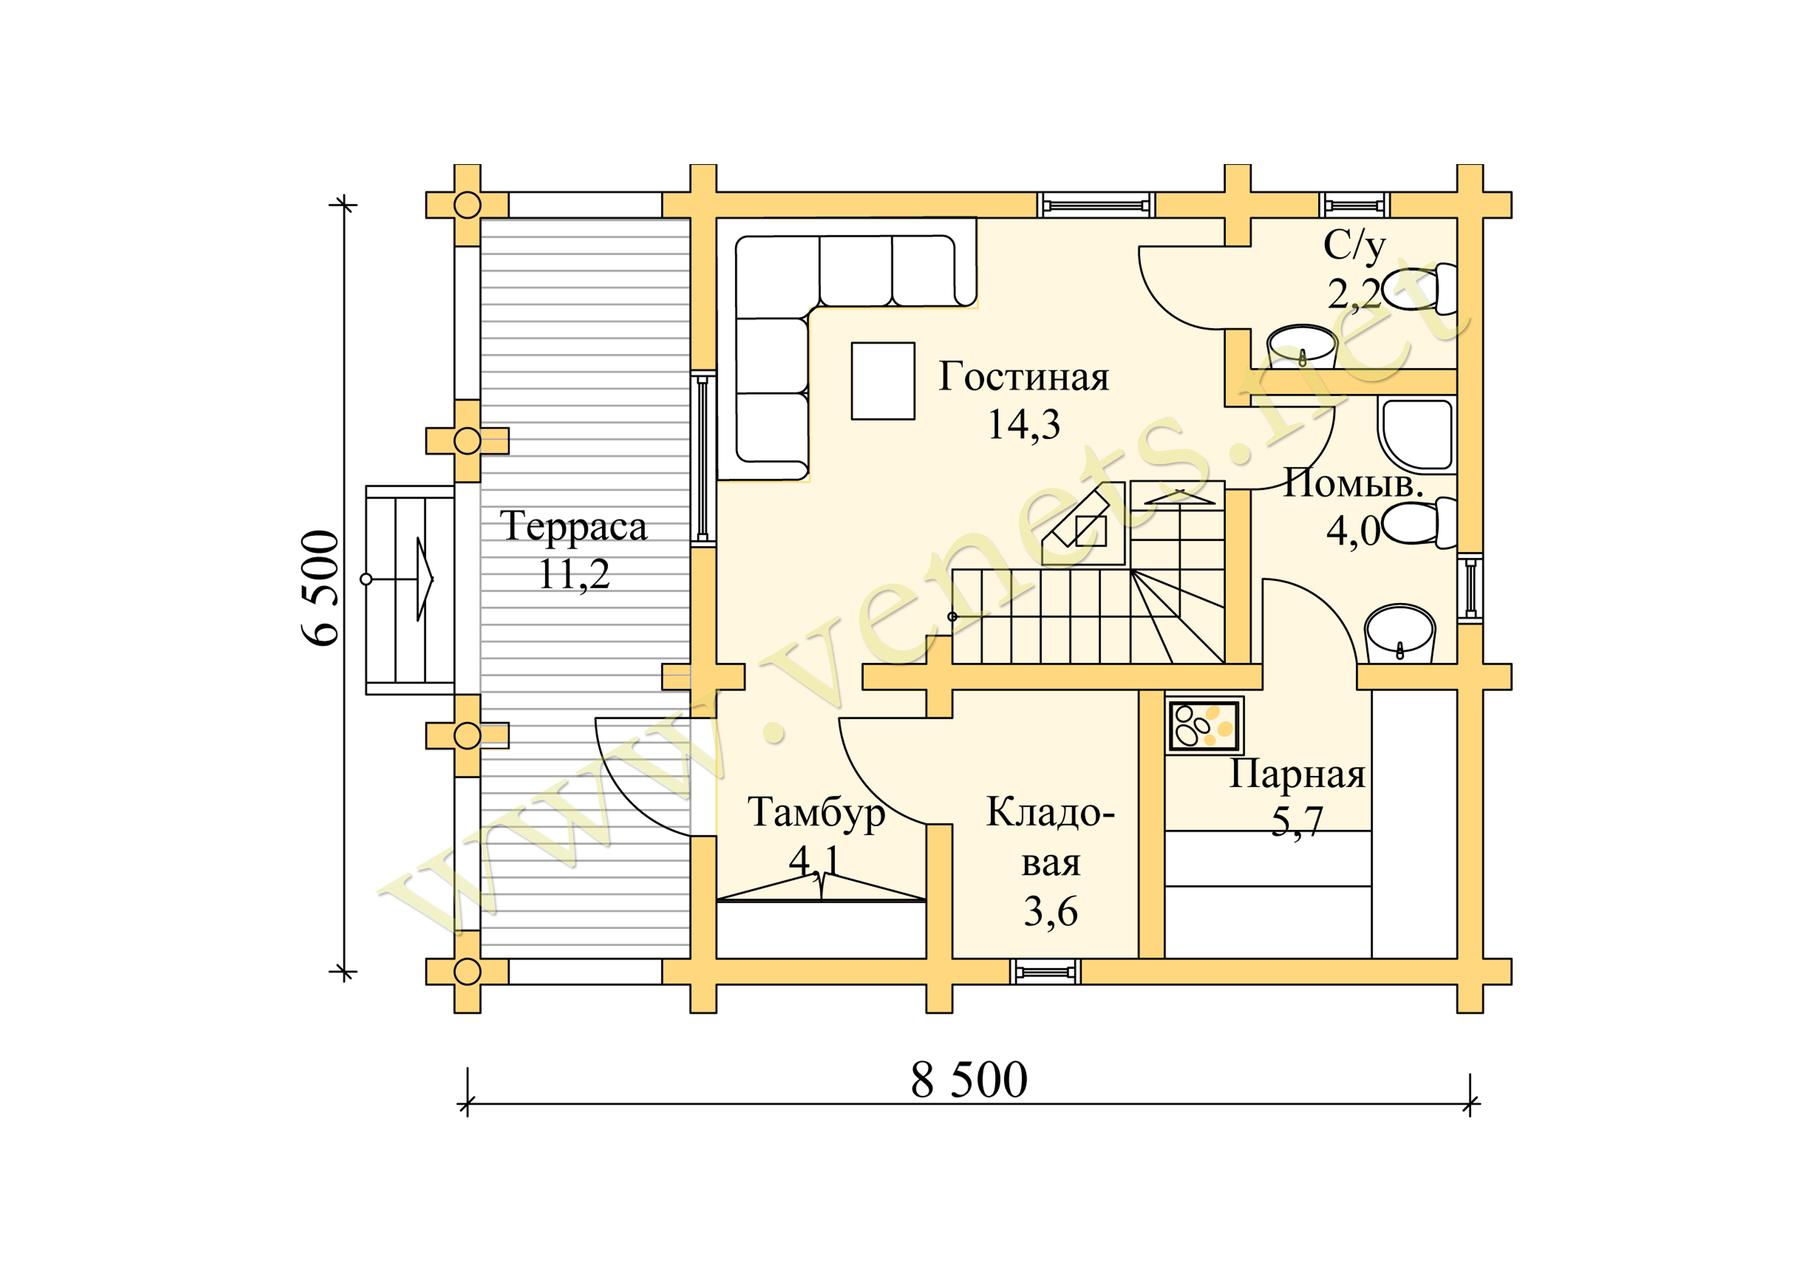 Проекты двухэтажных бань: основные преимущества и этапы строительства